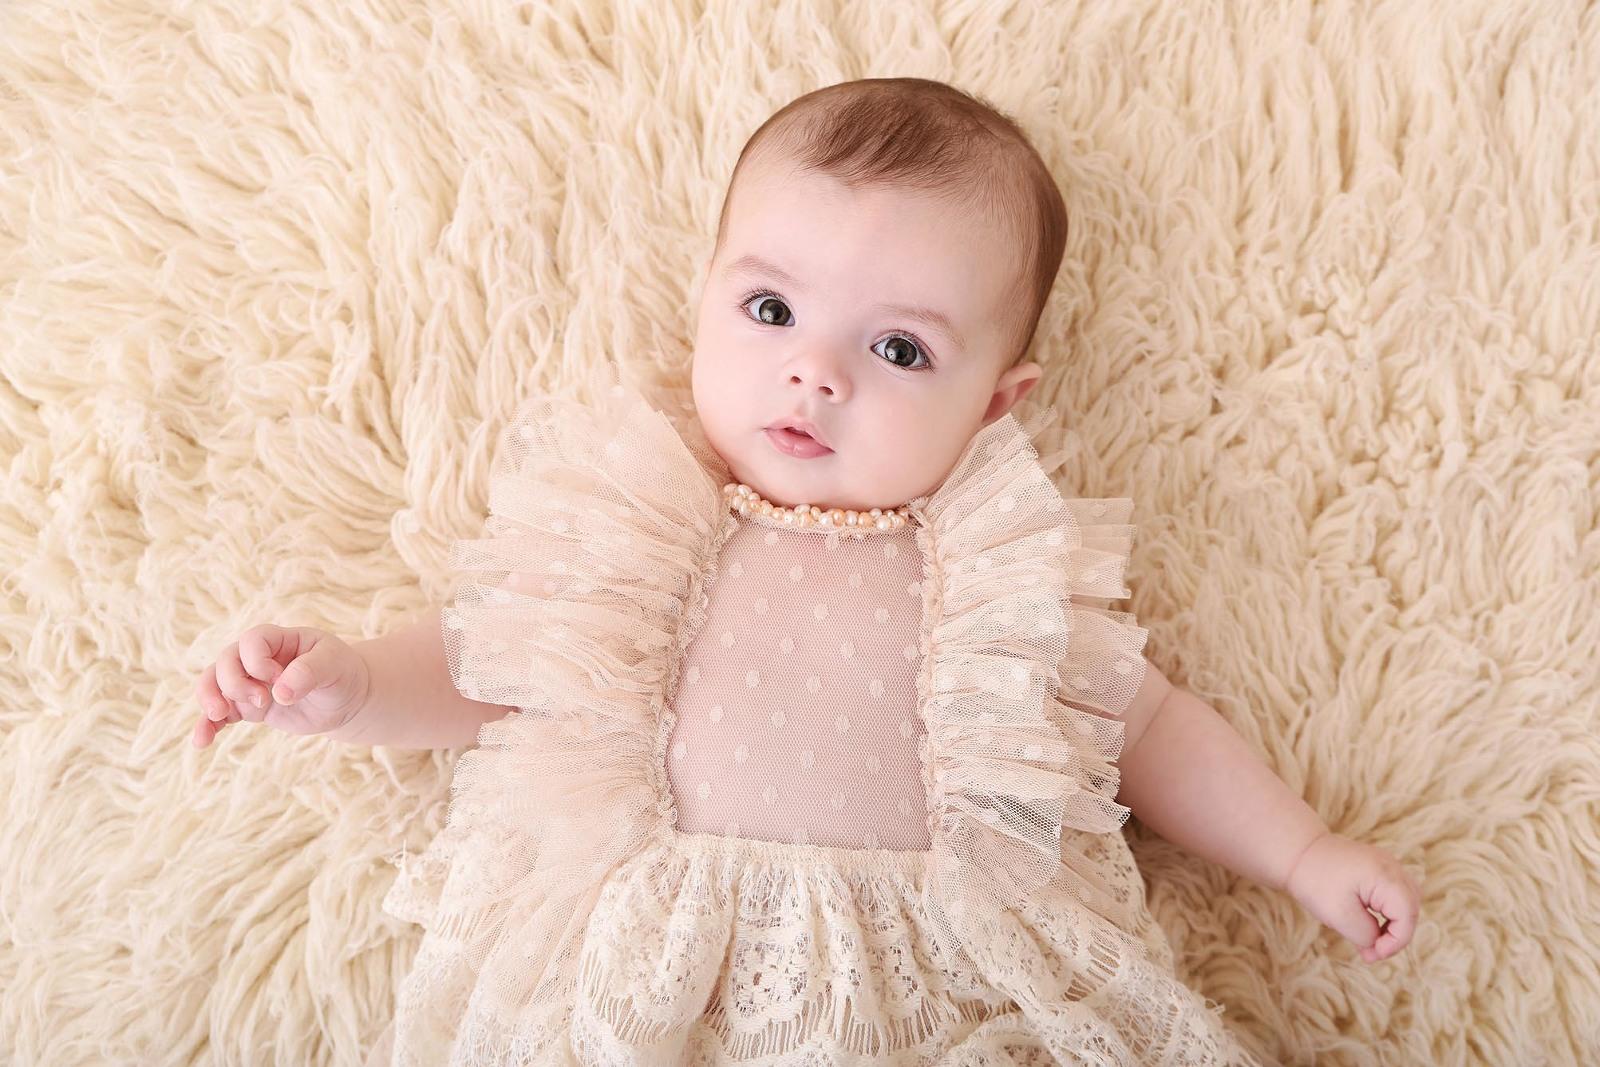 Bébé en robe vintage allongé sur un flokati